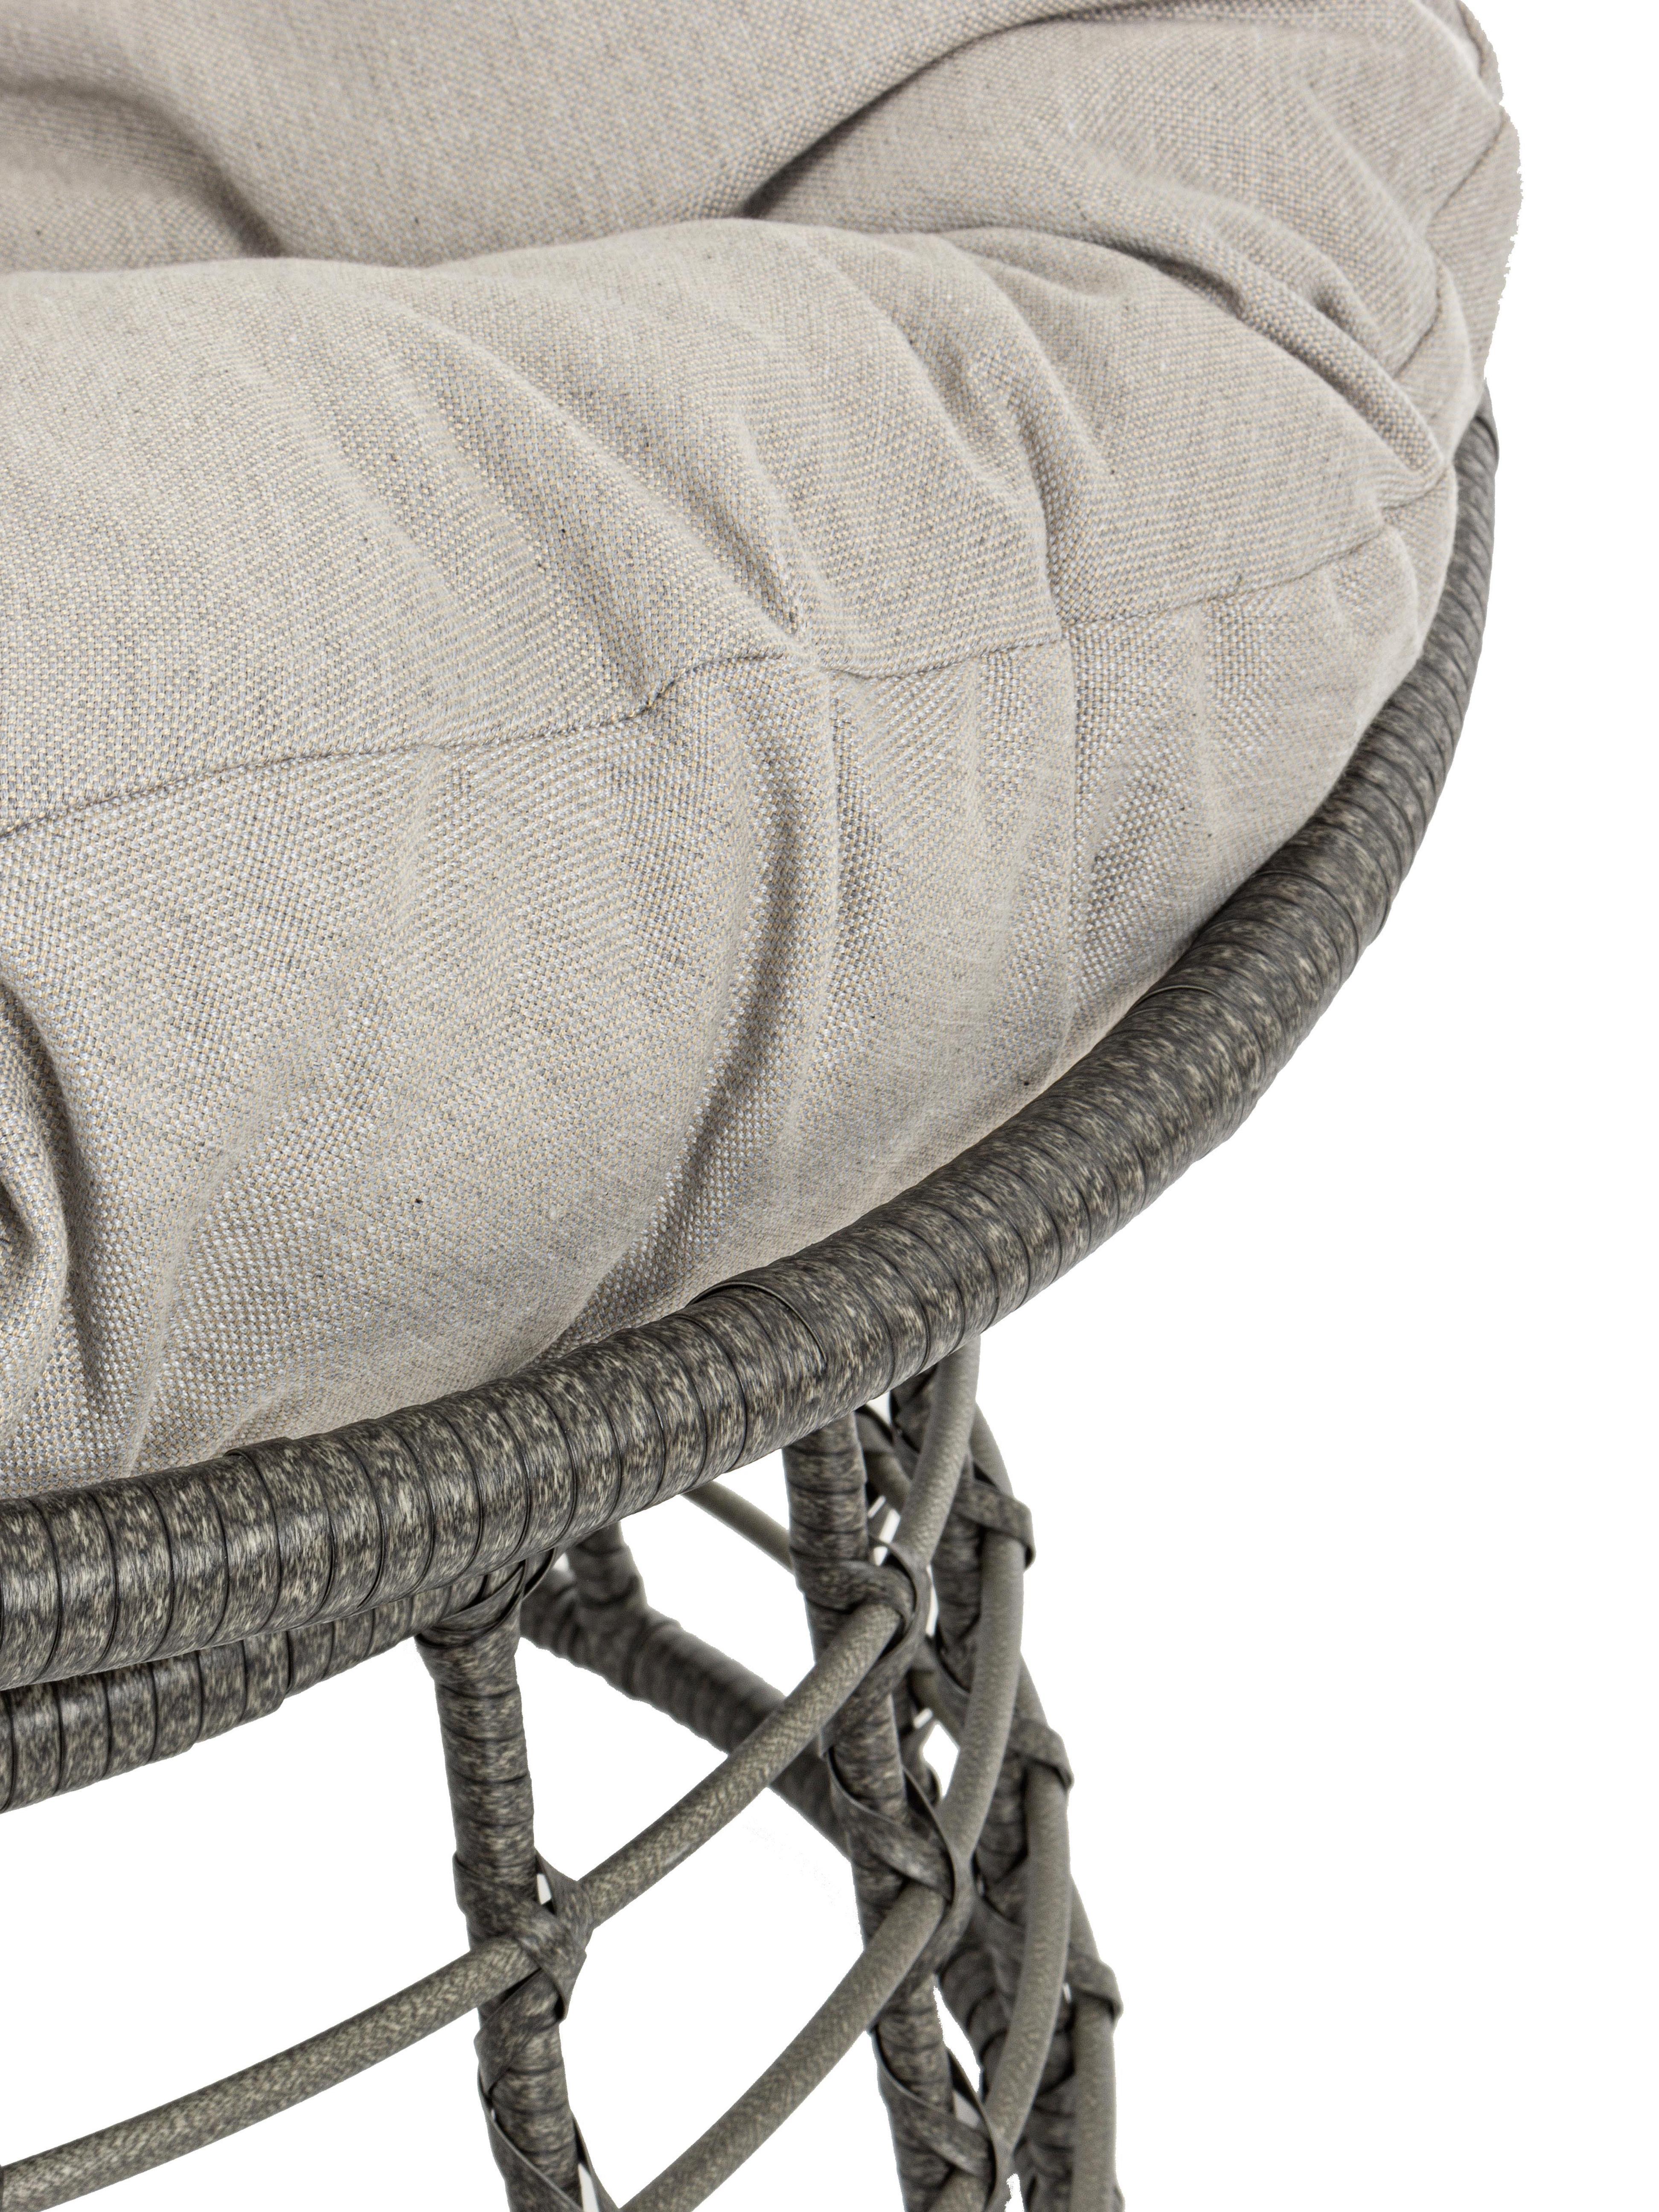 Papasansessel Molly aus Kunststoff-Geflecht und mit Sitzkissen, Gestell: Stahl, pulverbeschichtet, Sitzfläche: Synthetikfasern, Bezug: Polyester, Grau, Hellgrau, Ø 92 x H 78 cm